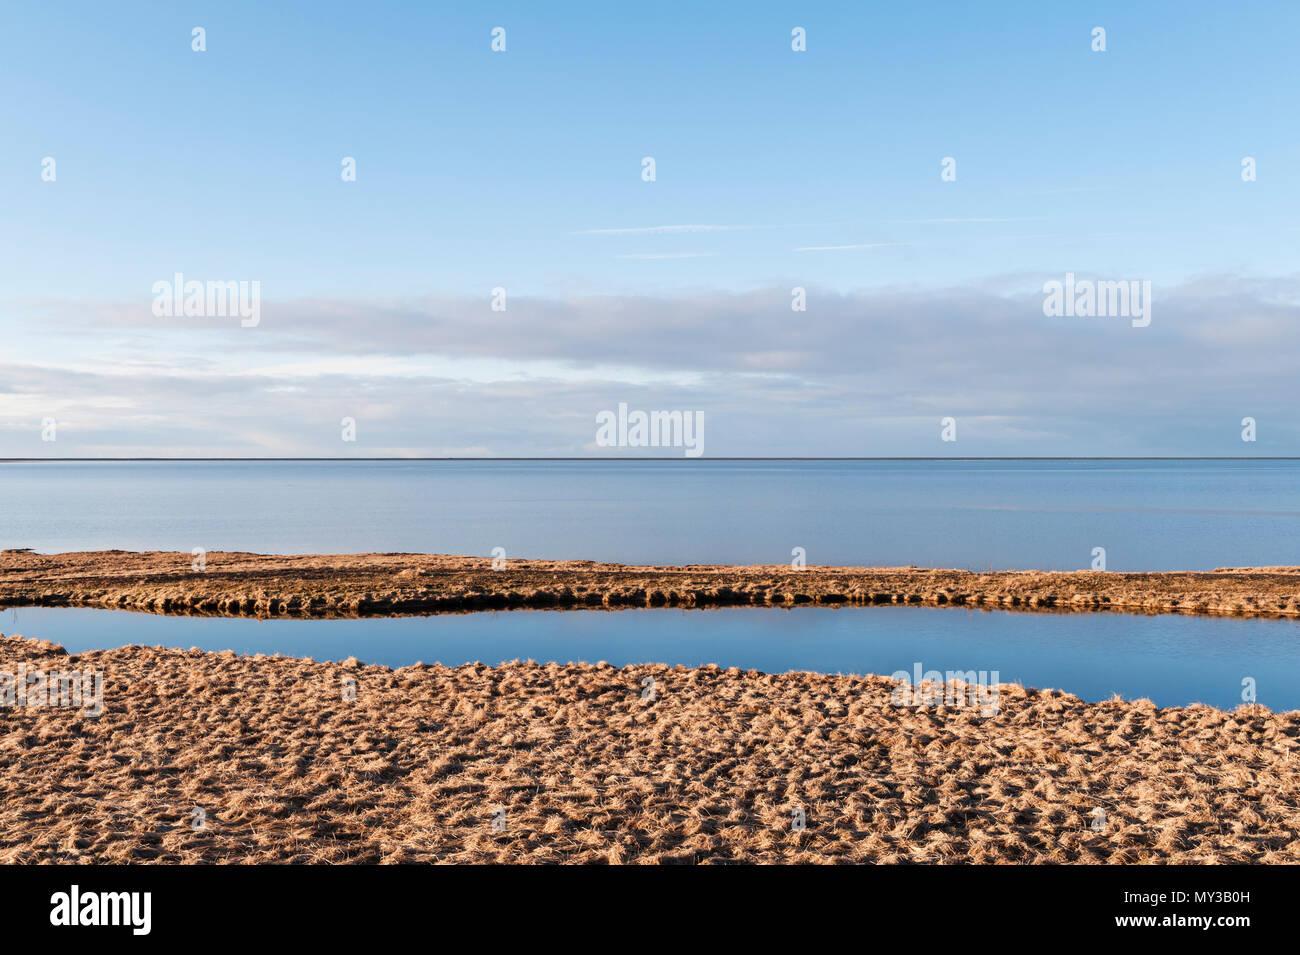 El sur de Islandia. La tranquila laguna de marea Holtsós, justo al sur de Eyjafjallajökull, visto temprano en la mañana desde la carretera de circunvalación Imagen De Stock